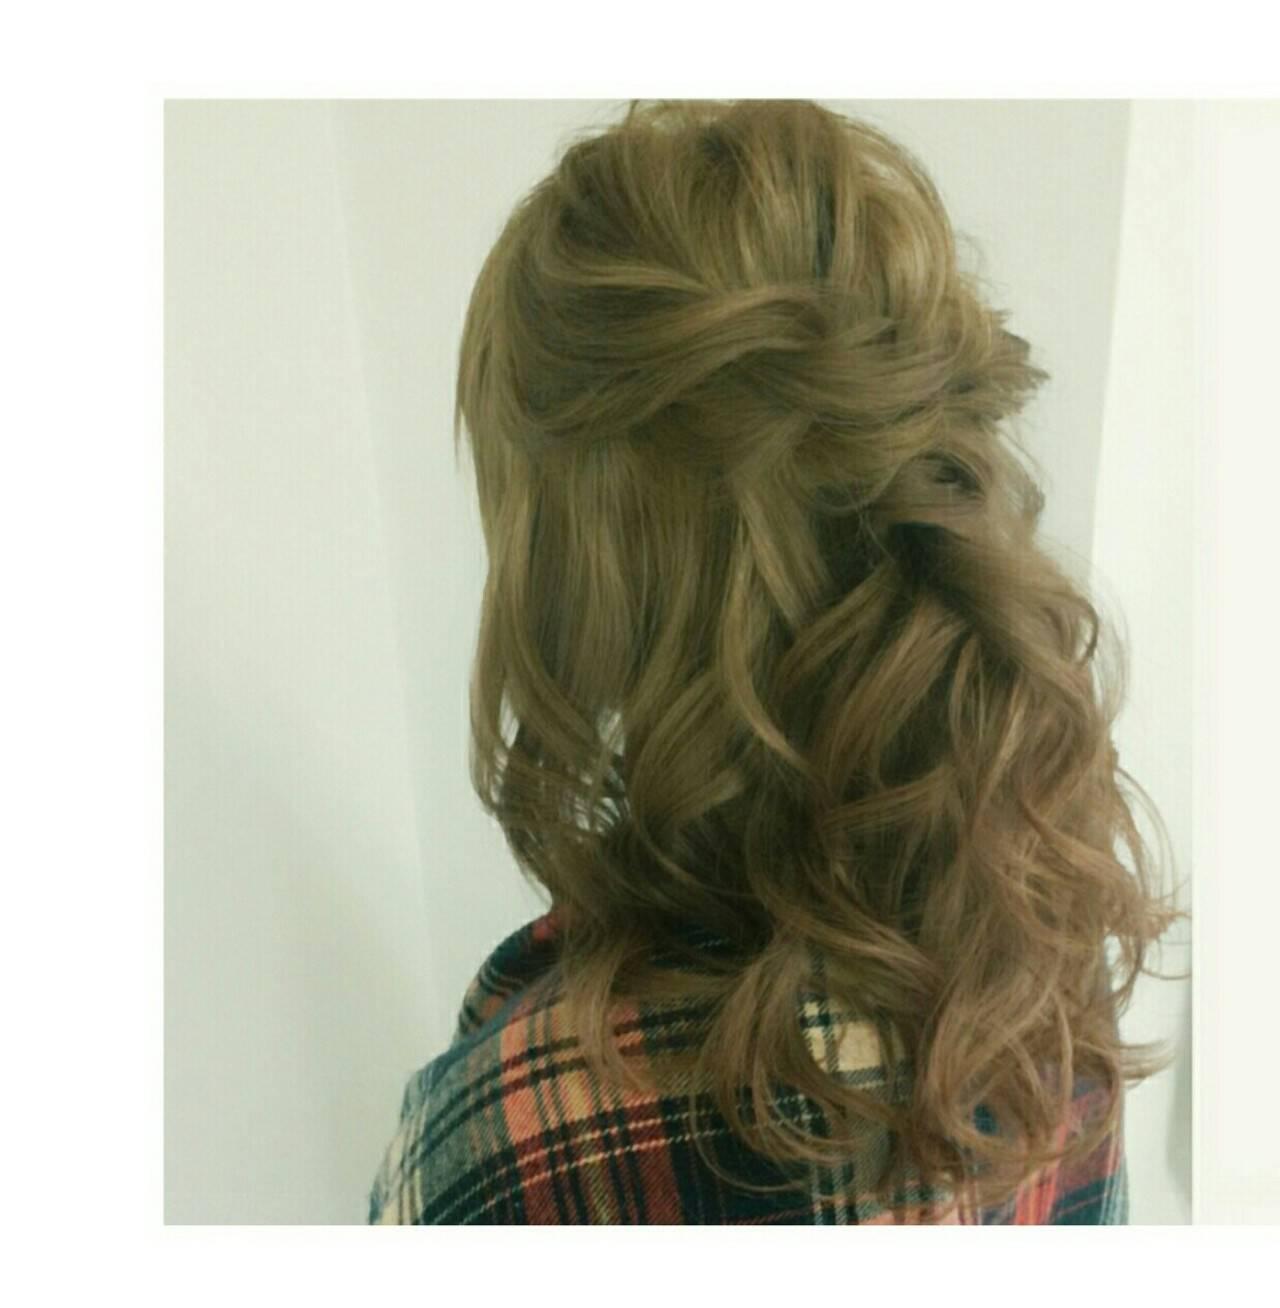 ゆるふわ ハーフアップ ツイスト ミディアムヘアスタイルや髪型の写真・画像